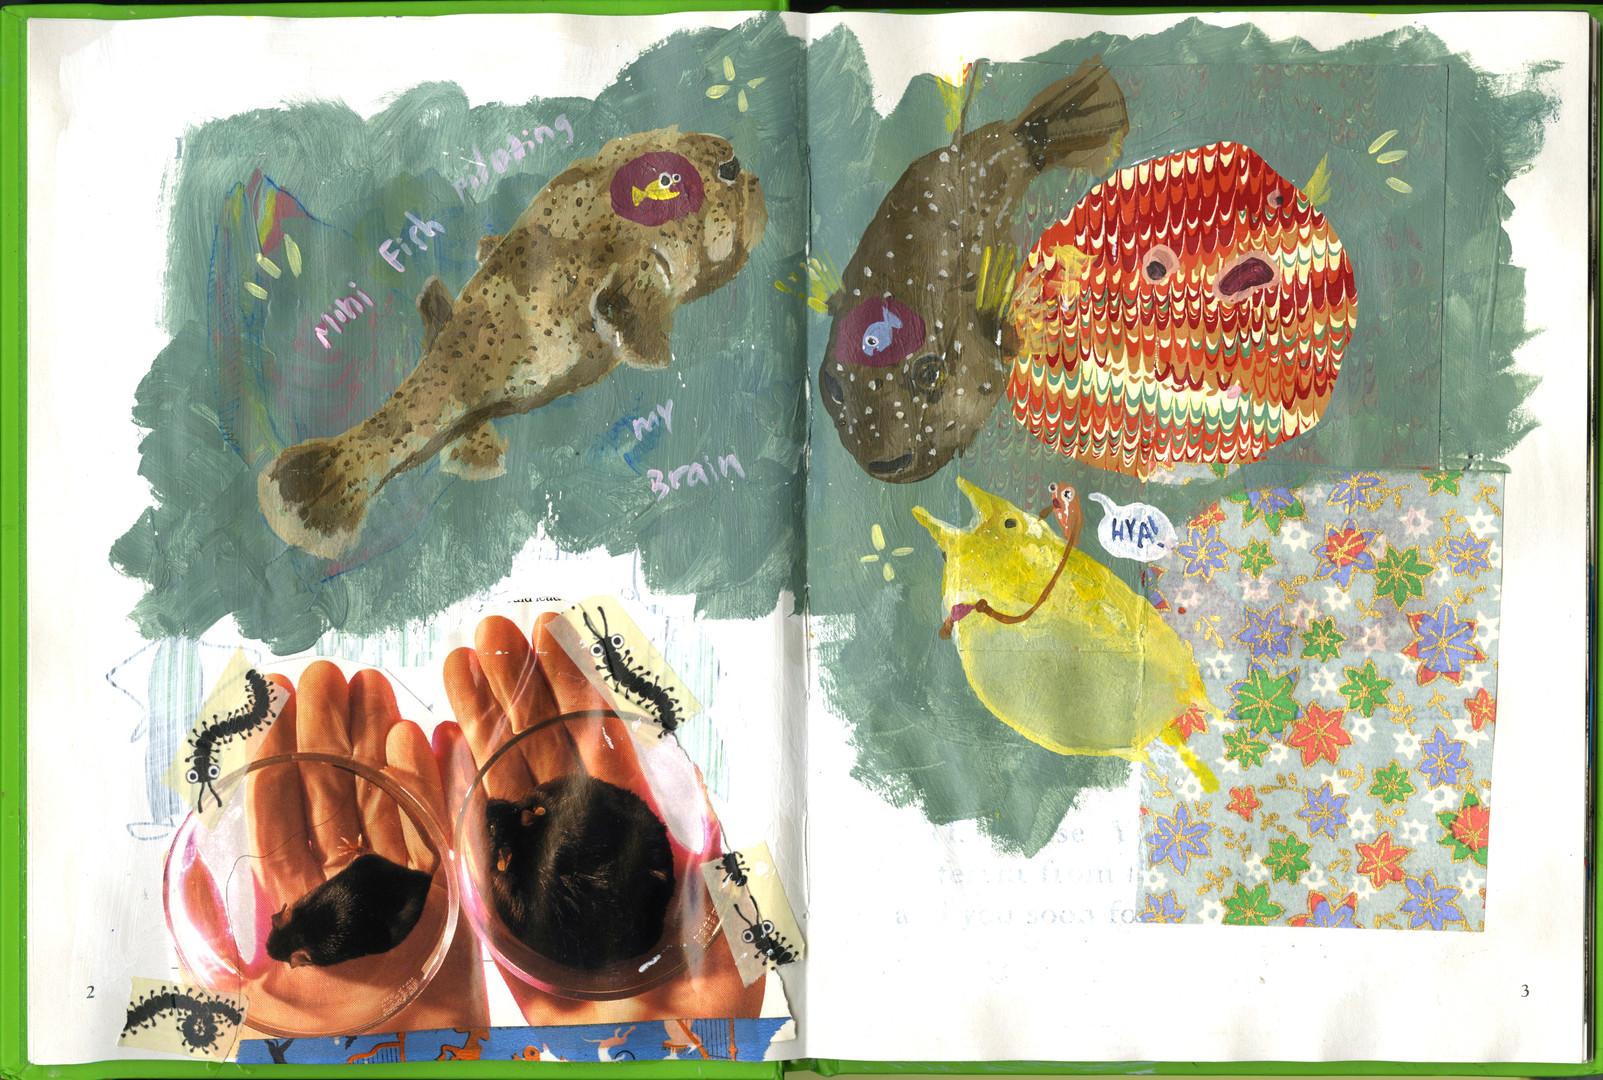 childrens_sketchbook 4.jpeg